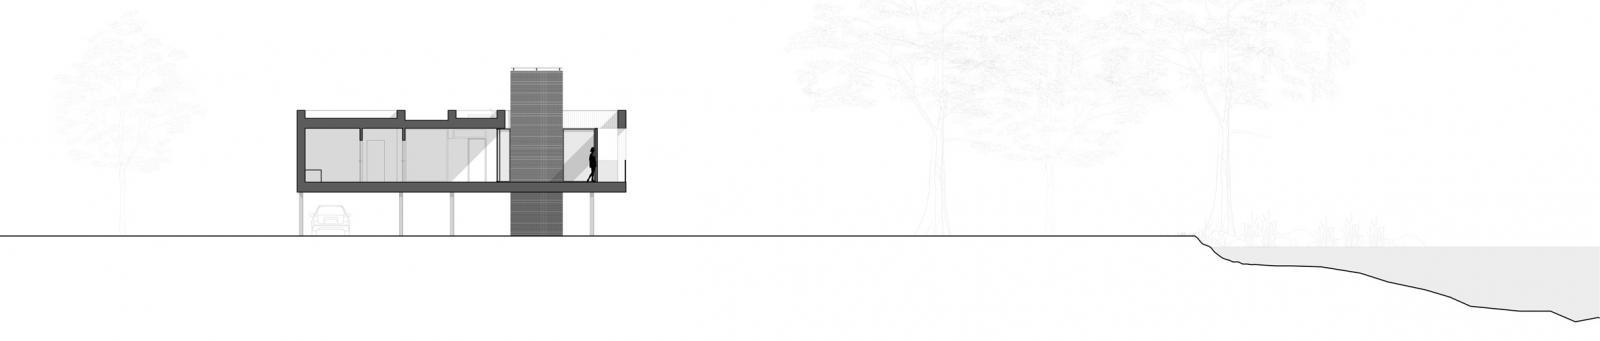 Hình ảnh phối cảnh mặt cắt nhà sàn khung thép - góc 2